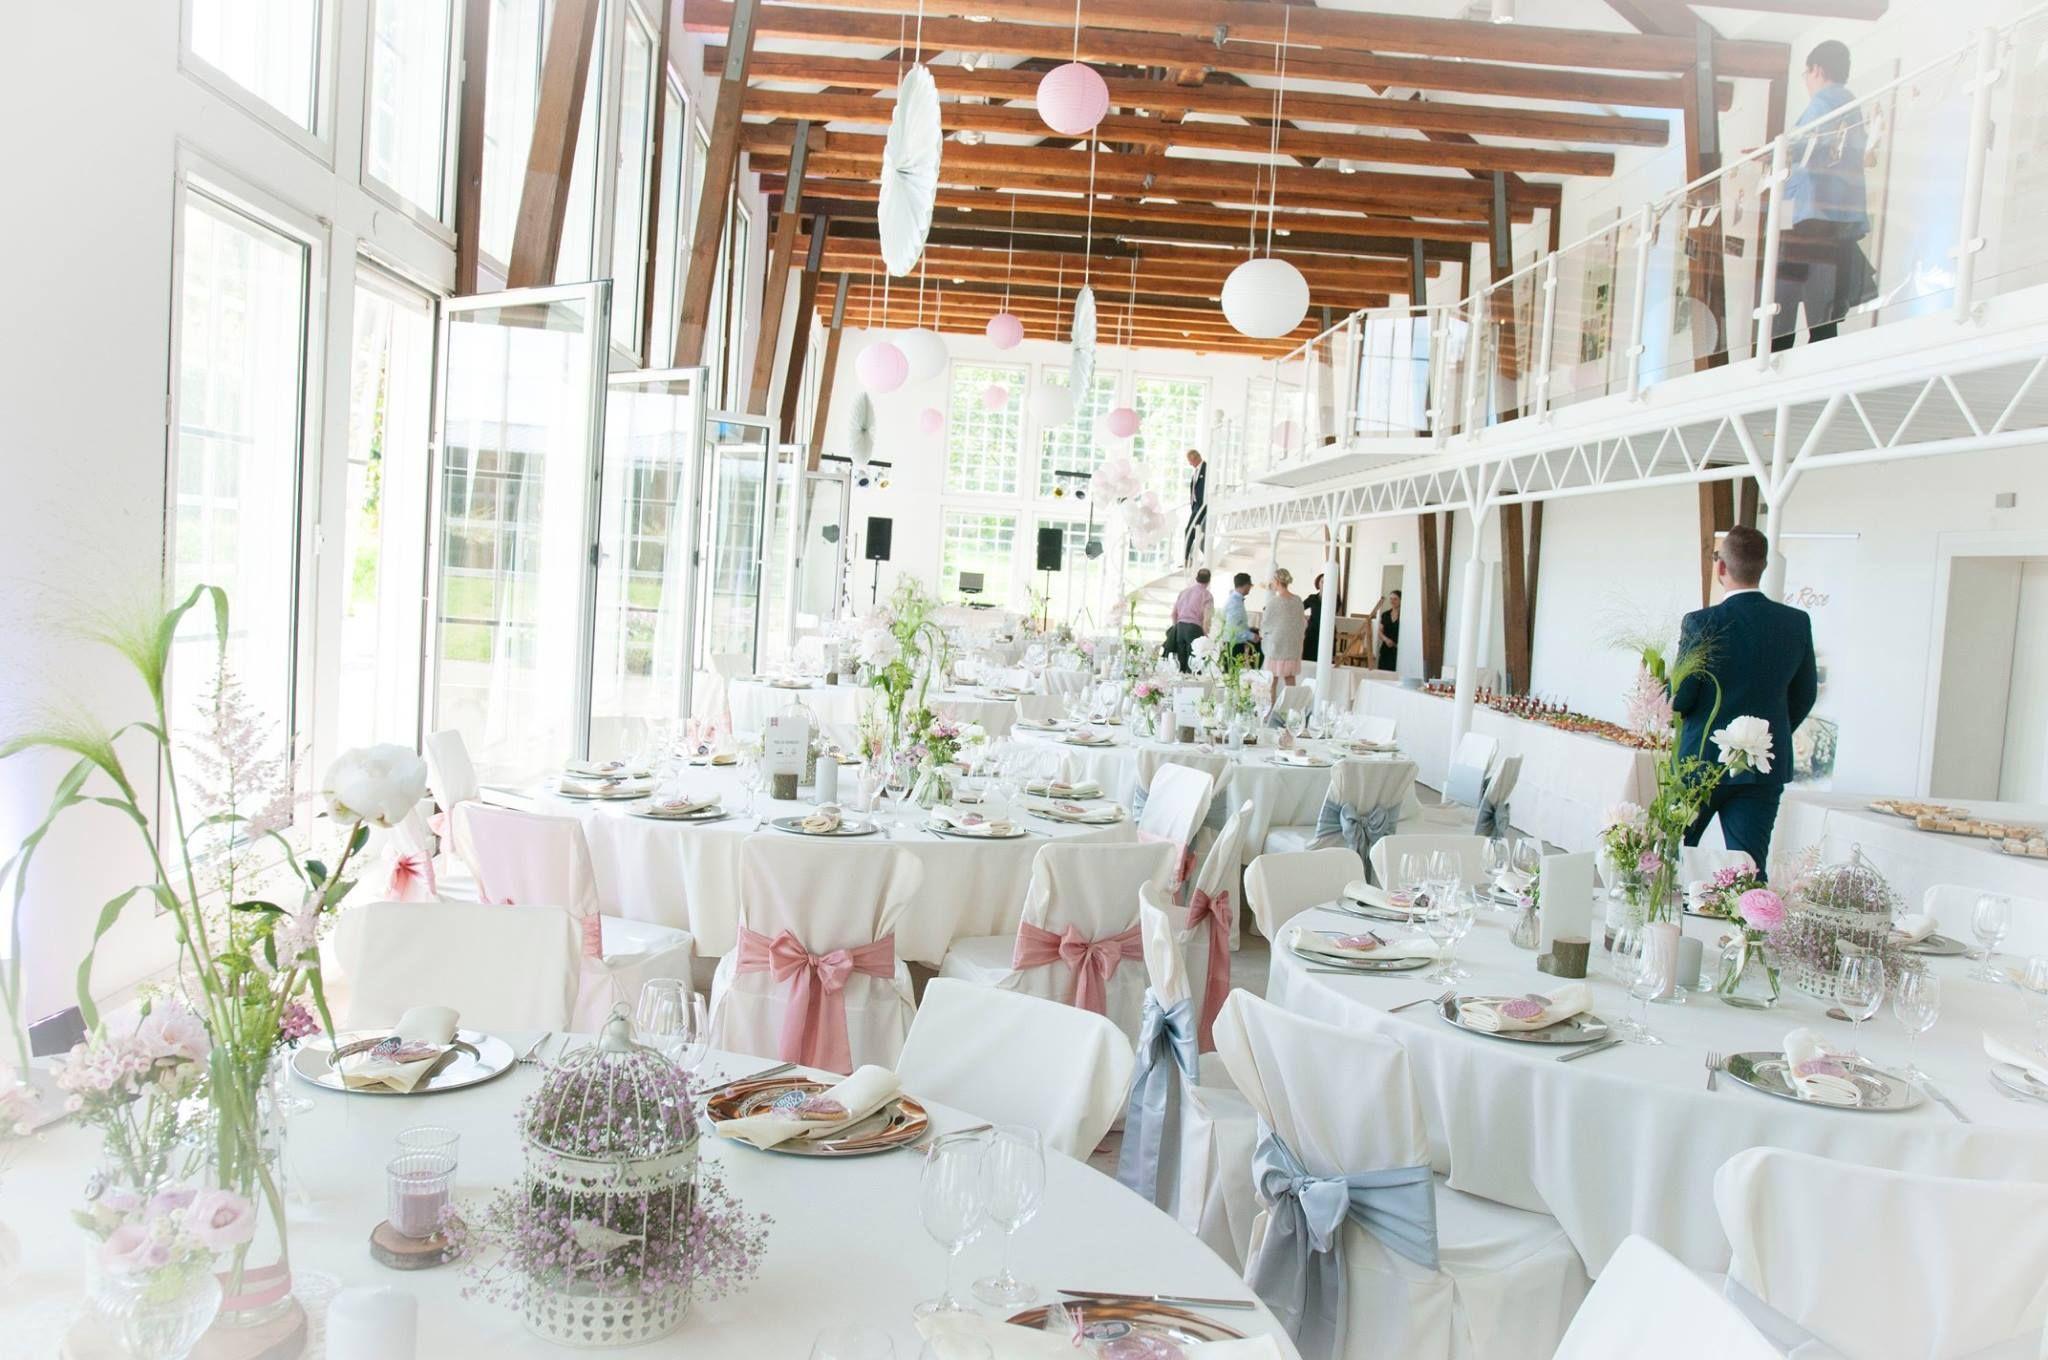 Planen Sie eine Hochzeit? Rent Stuhlhussen und hochwertige Gurte. Mit traumhaft! …